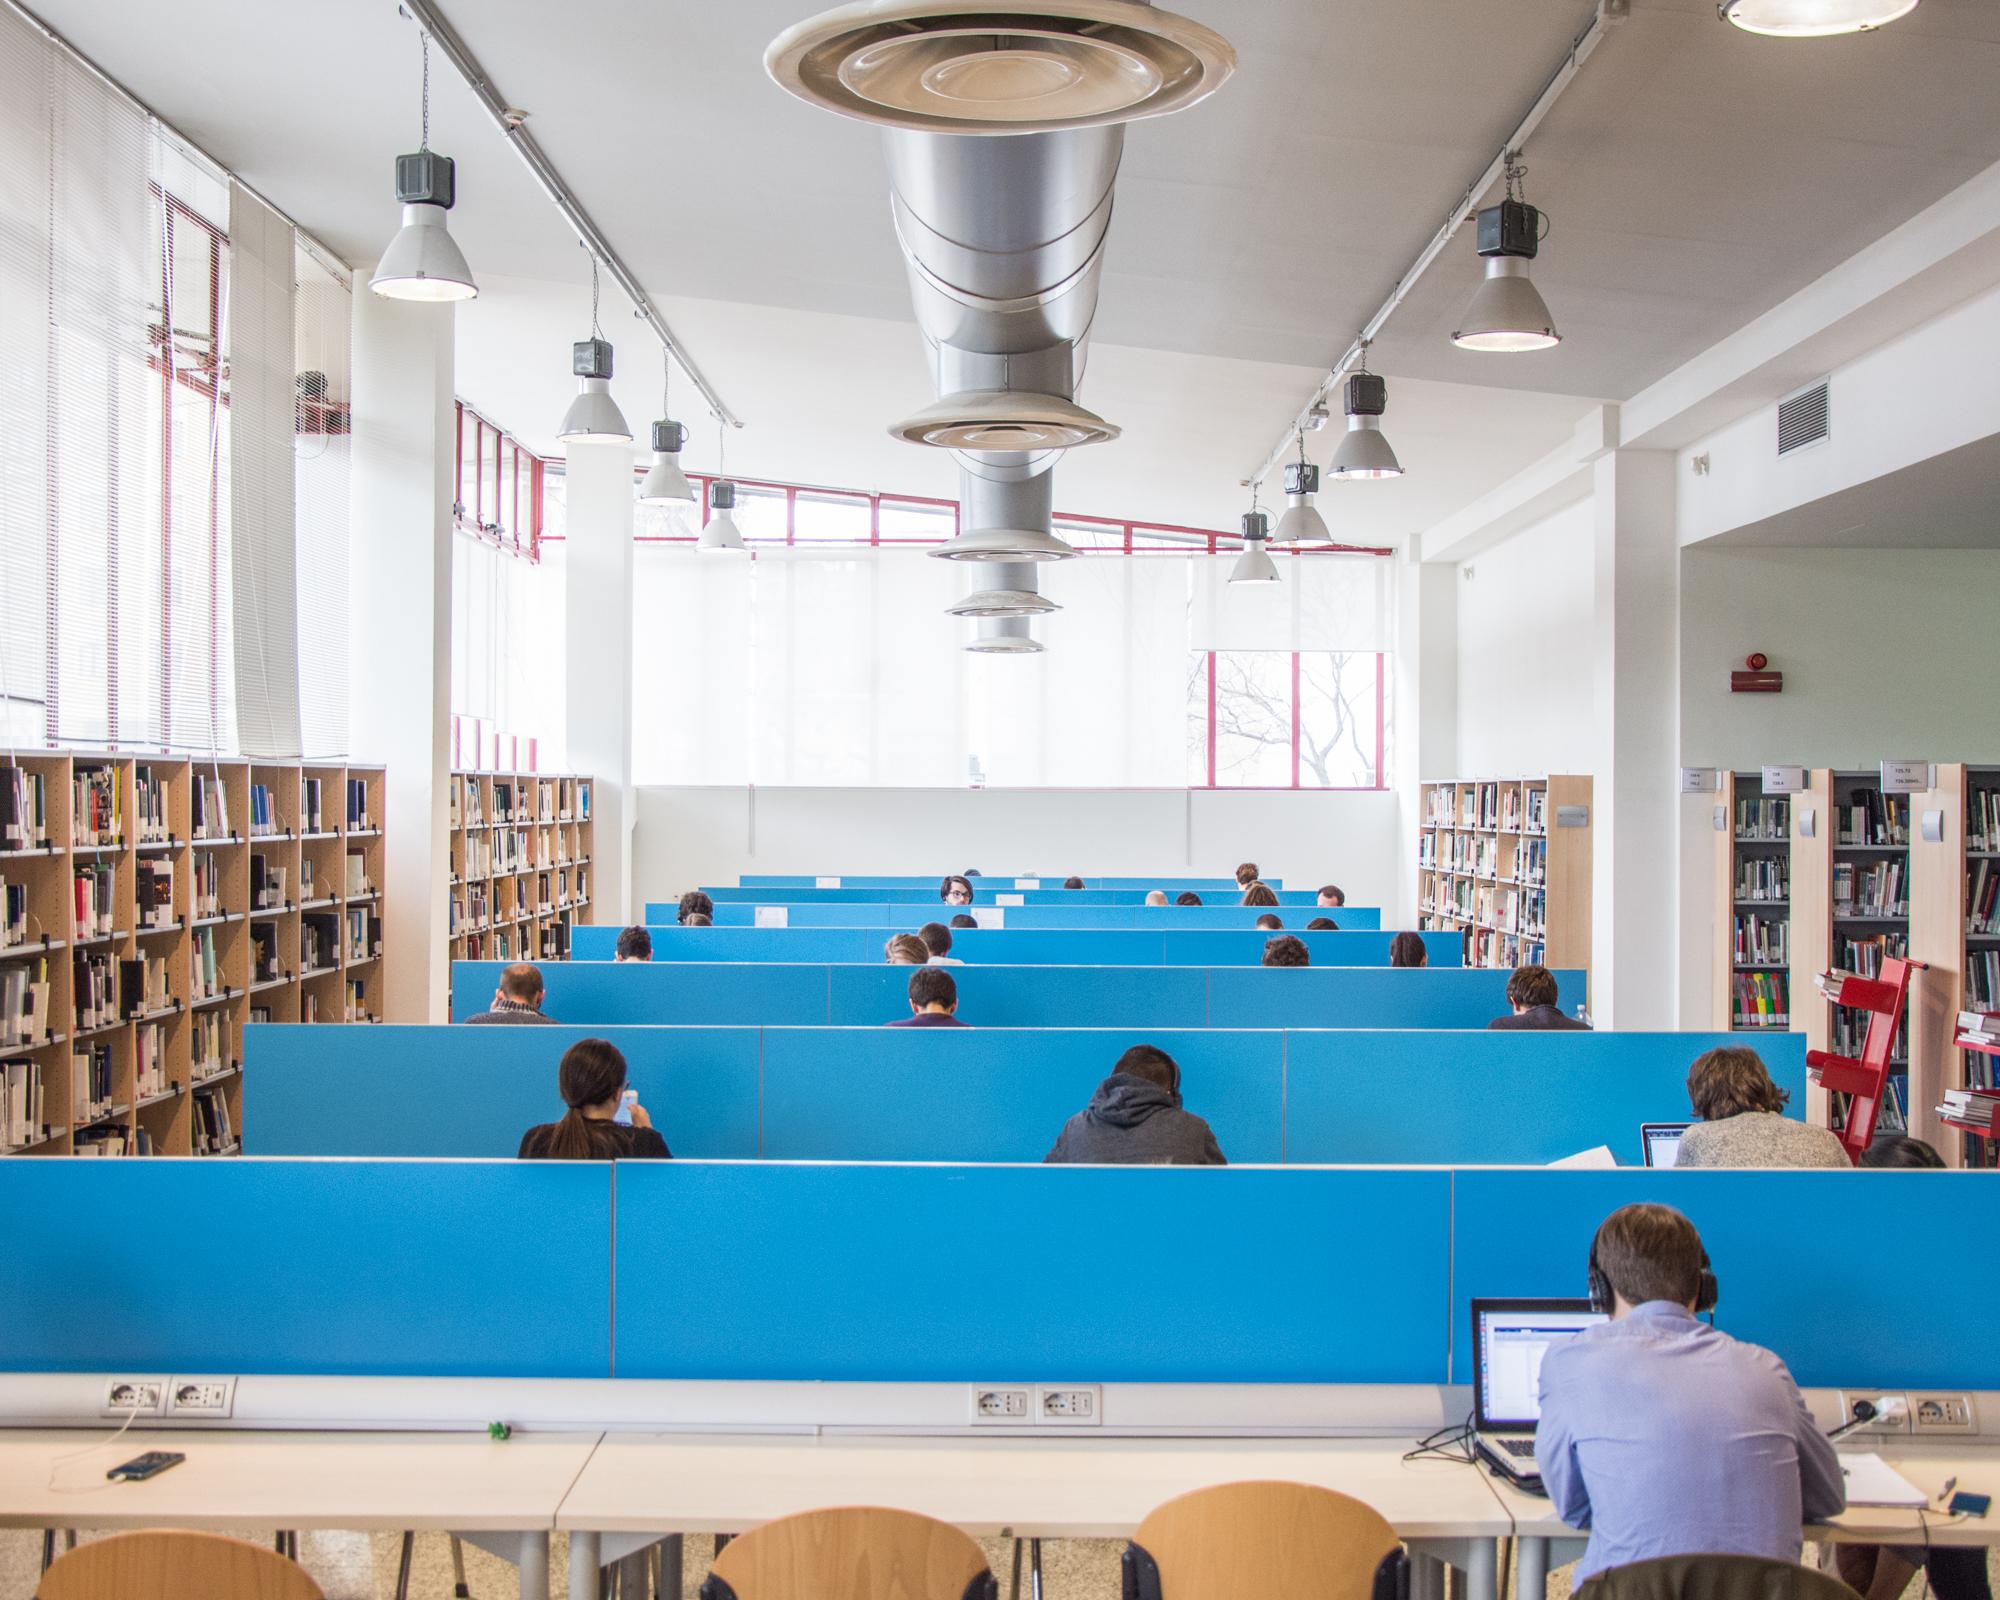 Politecnico Design Degli Interni.Come Il Politecnico E Diventato Una Delle Universita Migliori Al Mondo The Vision